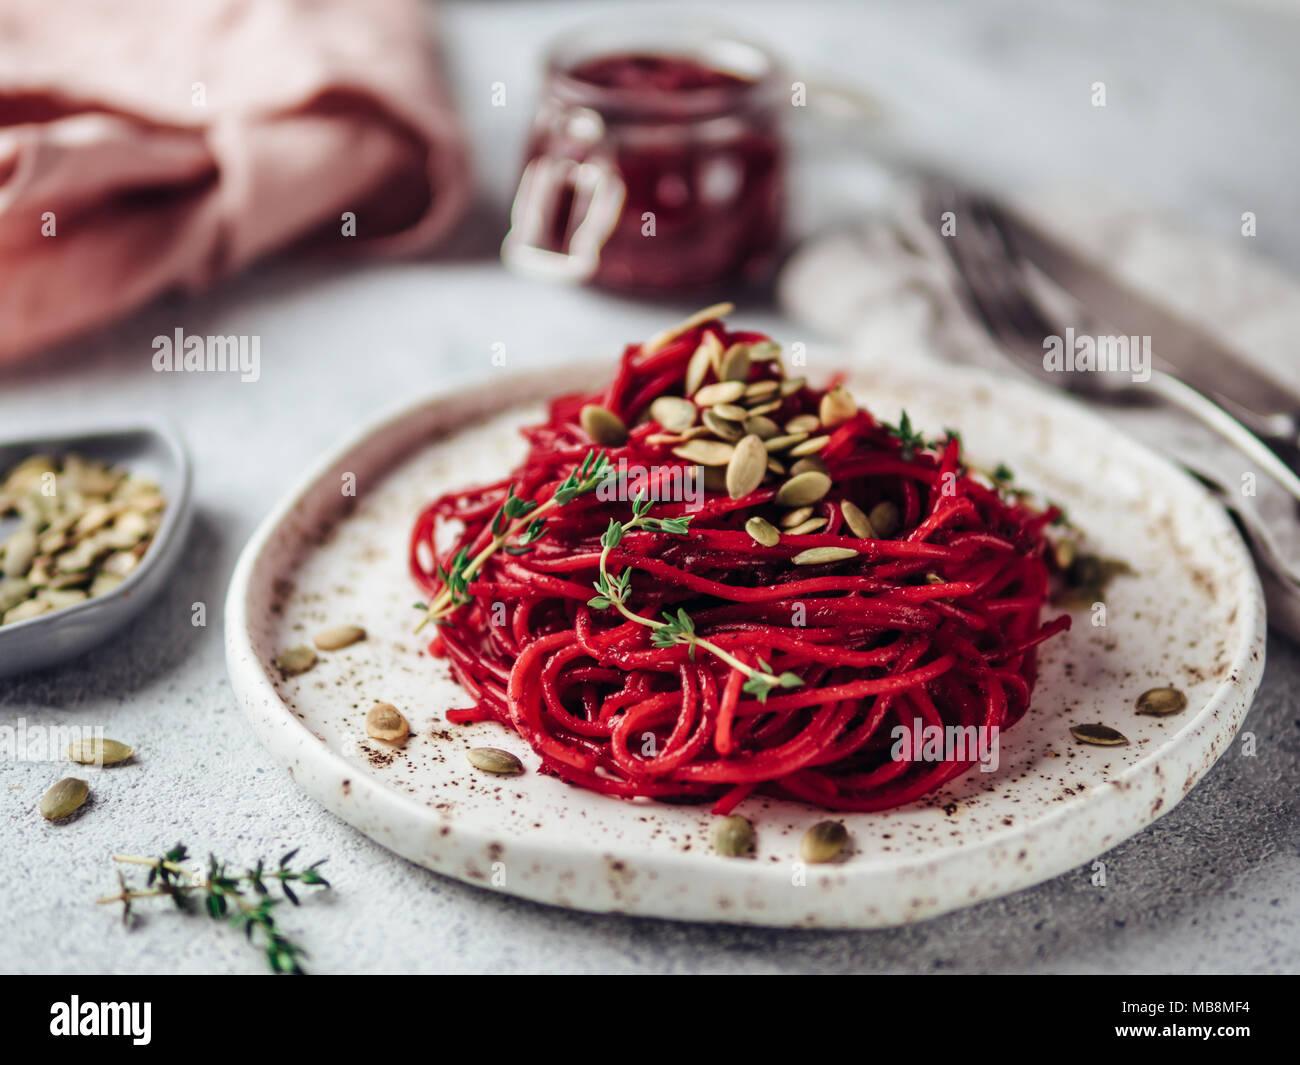 Gebratene rote Bete und Thymian Spaghetti mit Kürbiskerne in Handwerk Platte auf grauzement Hintergrund. Ideen und Rezepte für eine gesunde Vegane vegetarisches Abendessen. Selektive konzentrieren. Stockbild